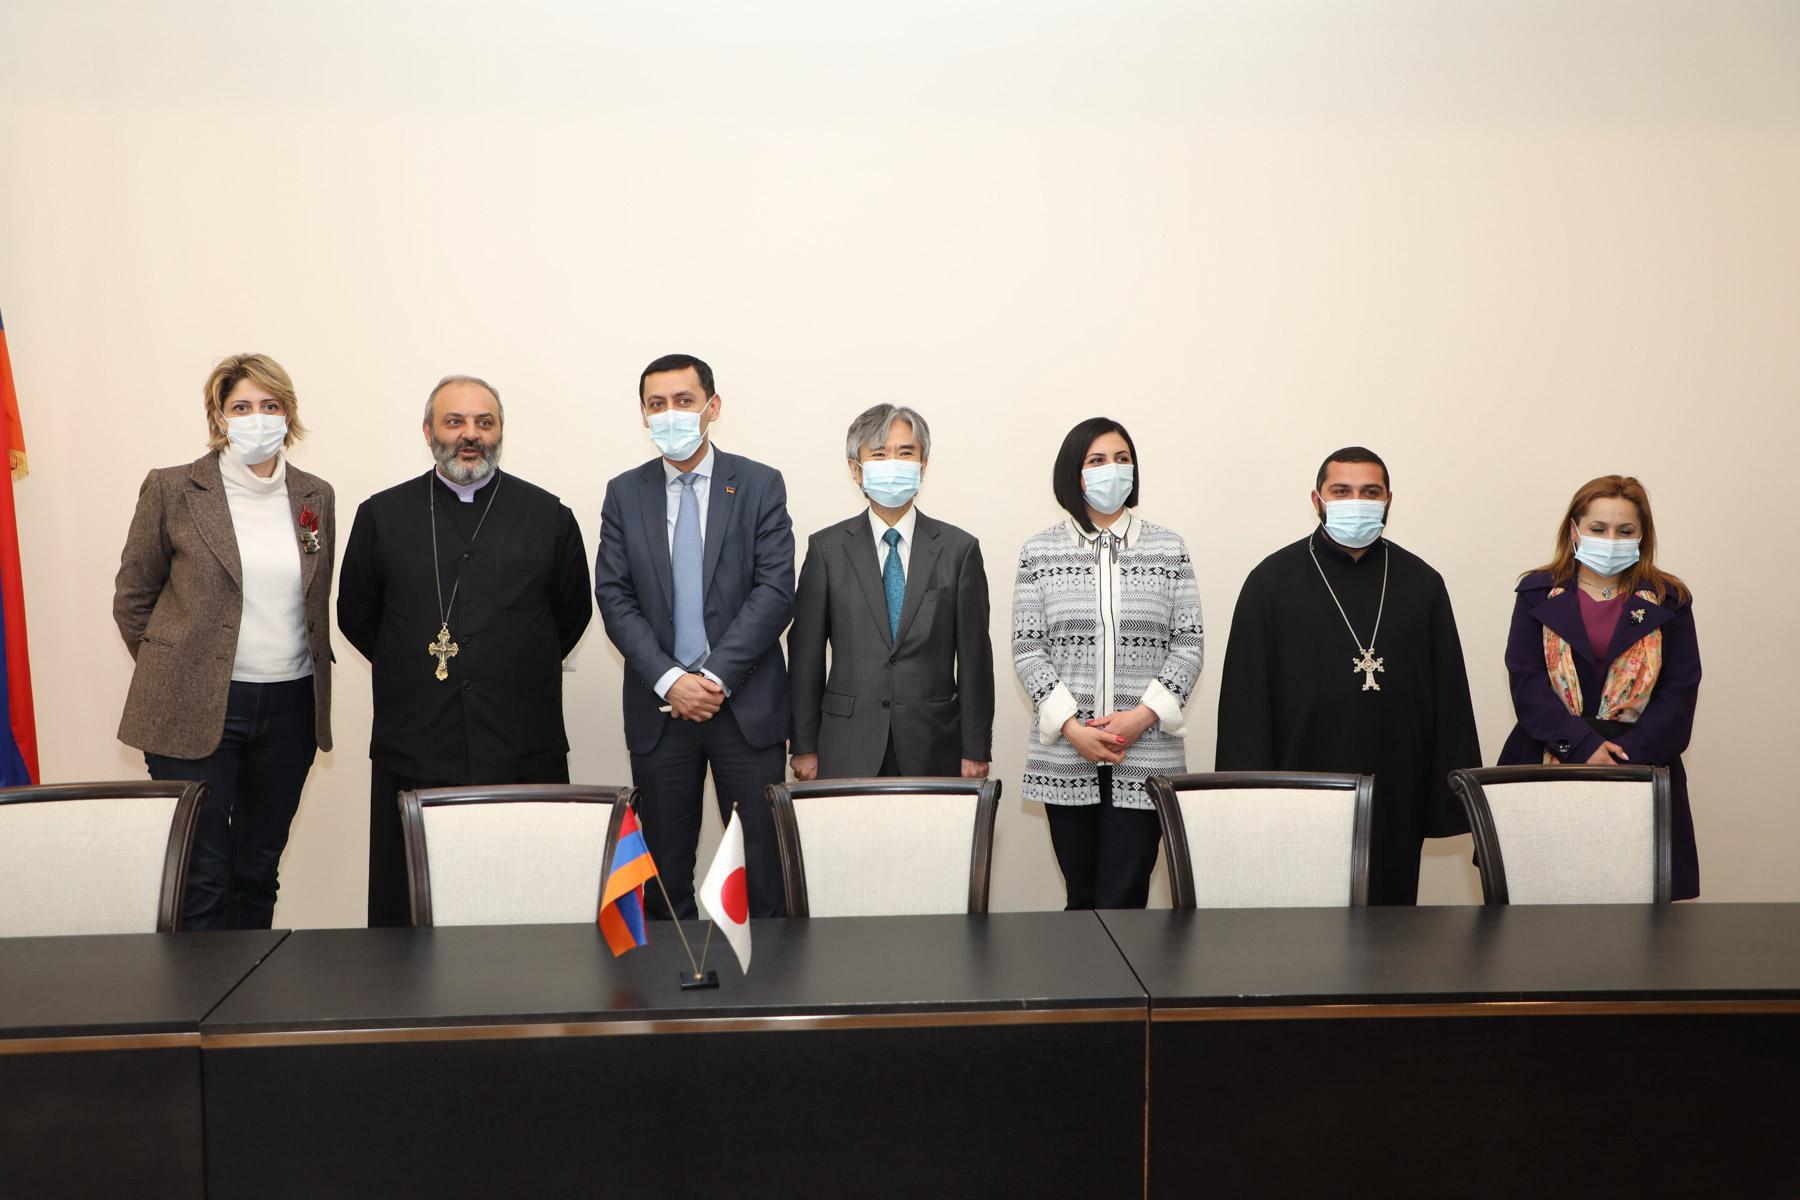 Photo of Ճապոնիայի կառավարության դրամաշնորհային ծրագրեր՝ Մարգահովիտում և Նոյեմբերյանում